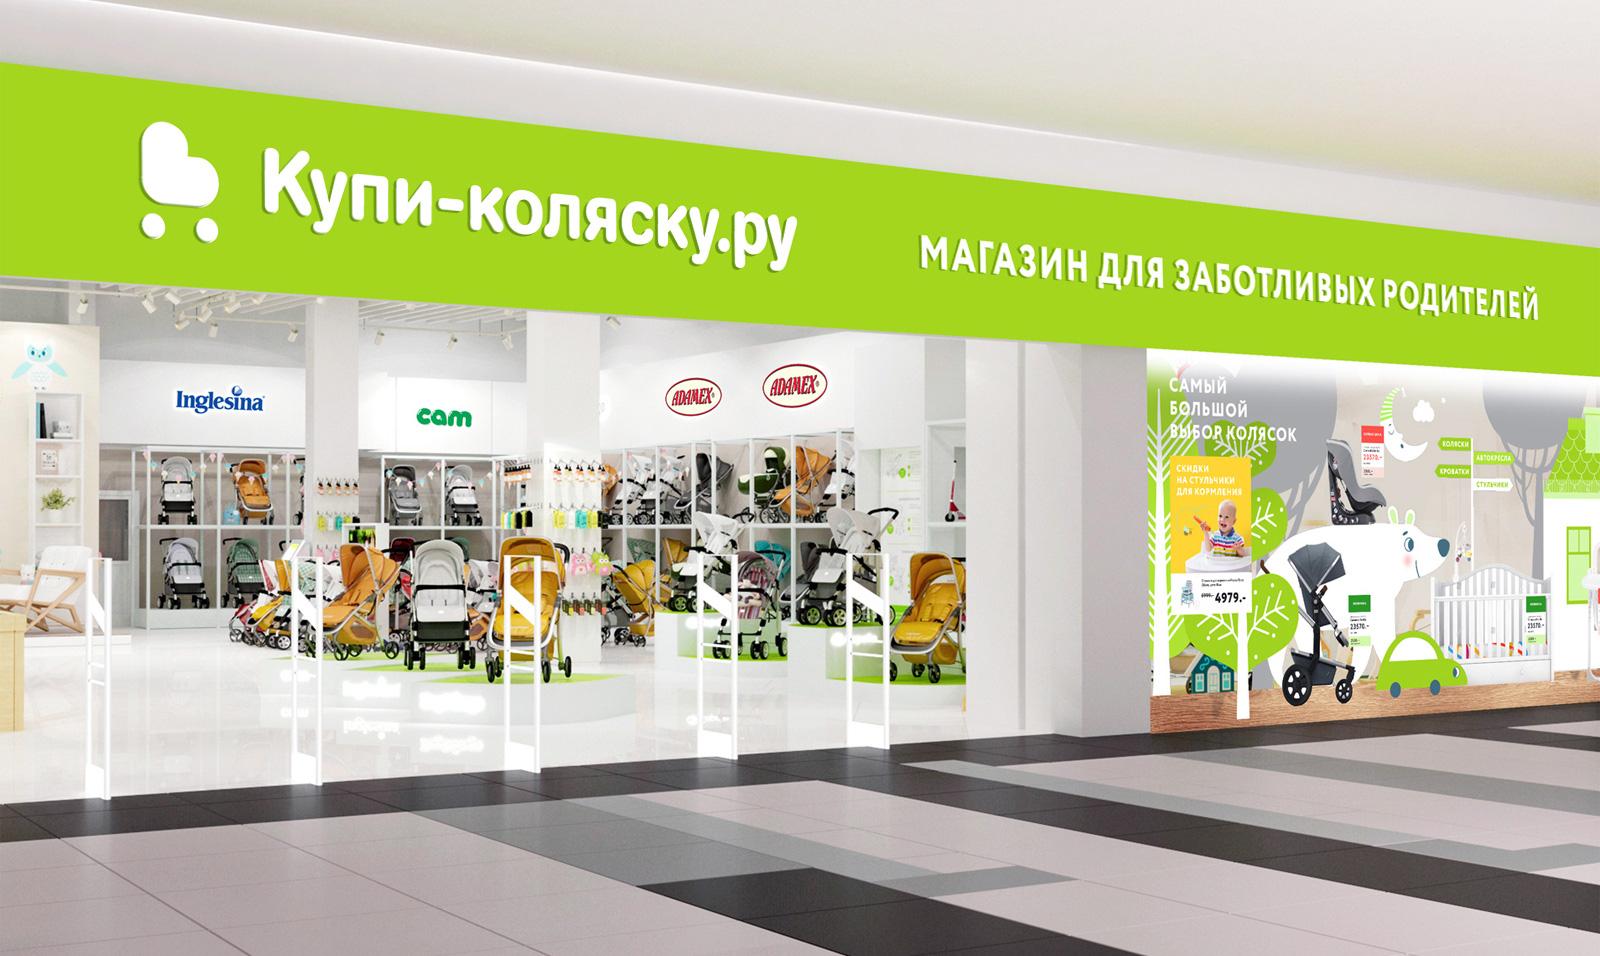 Ритейл-брендинг, разработка позиционирования бренда, создание концепции дизайна интерьера нового розничного магазина «Купи коляску»